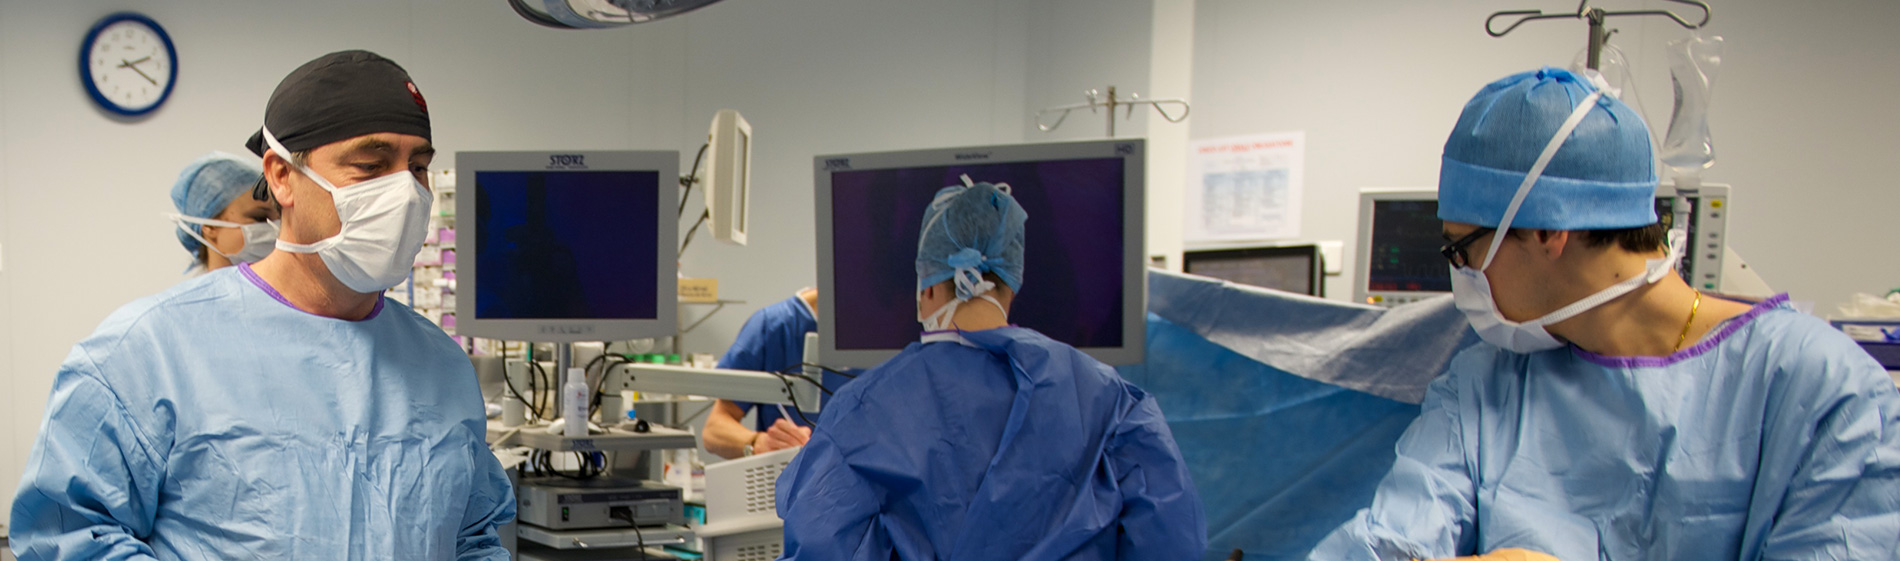 Chirurgiens digestifs